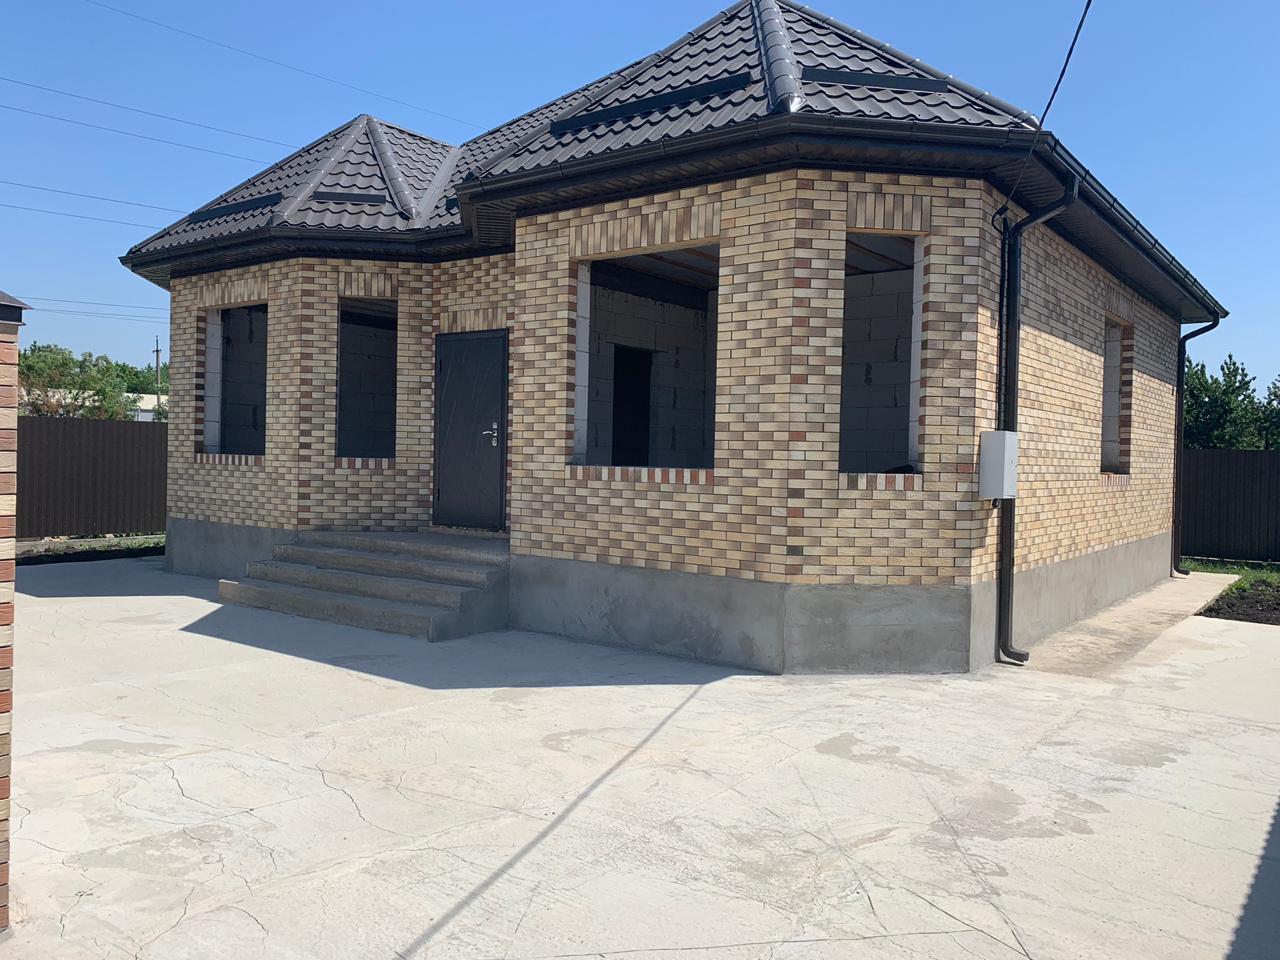 Дом в пос.Южном, 3,5 соток, 90 кв.м, ижс, 4 200 тыс.руб.